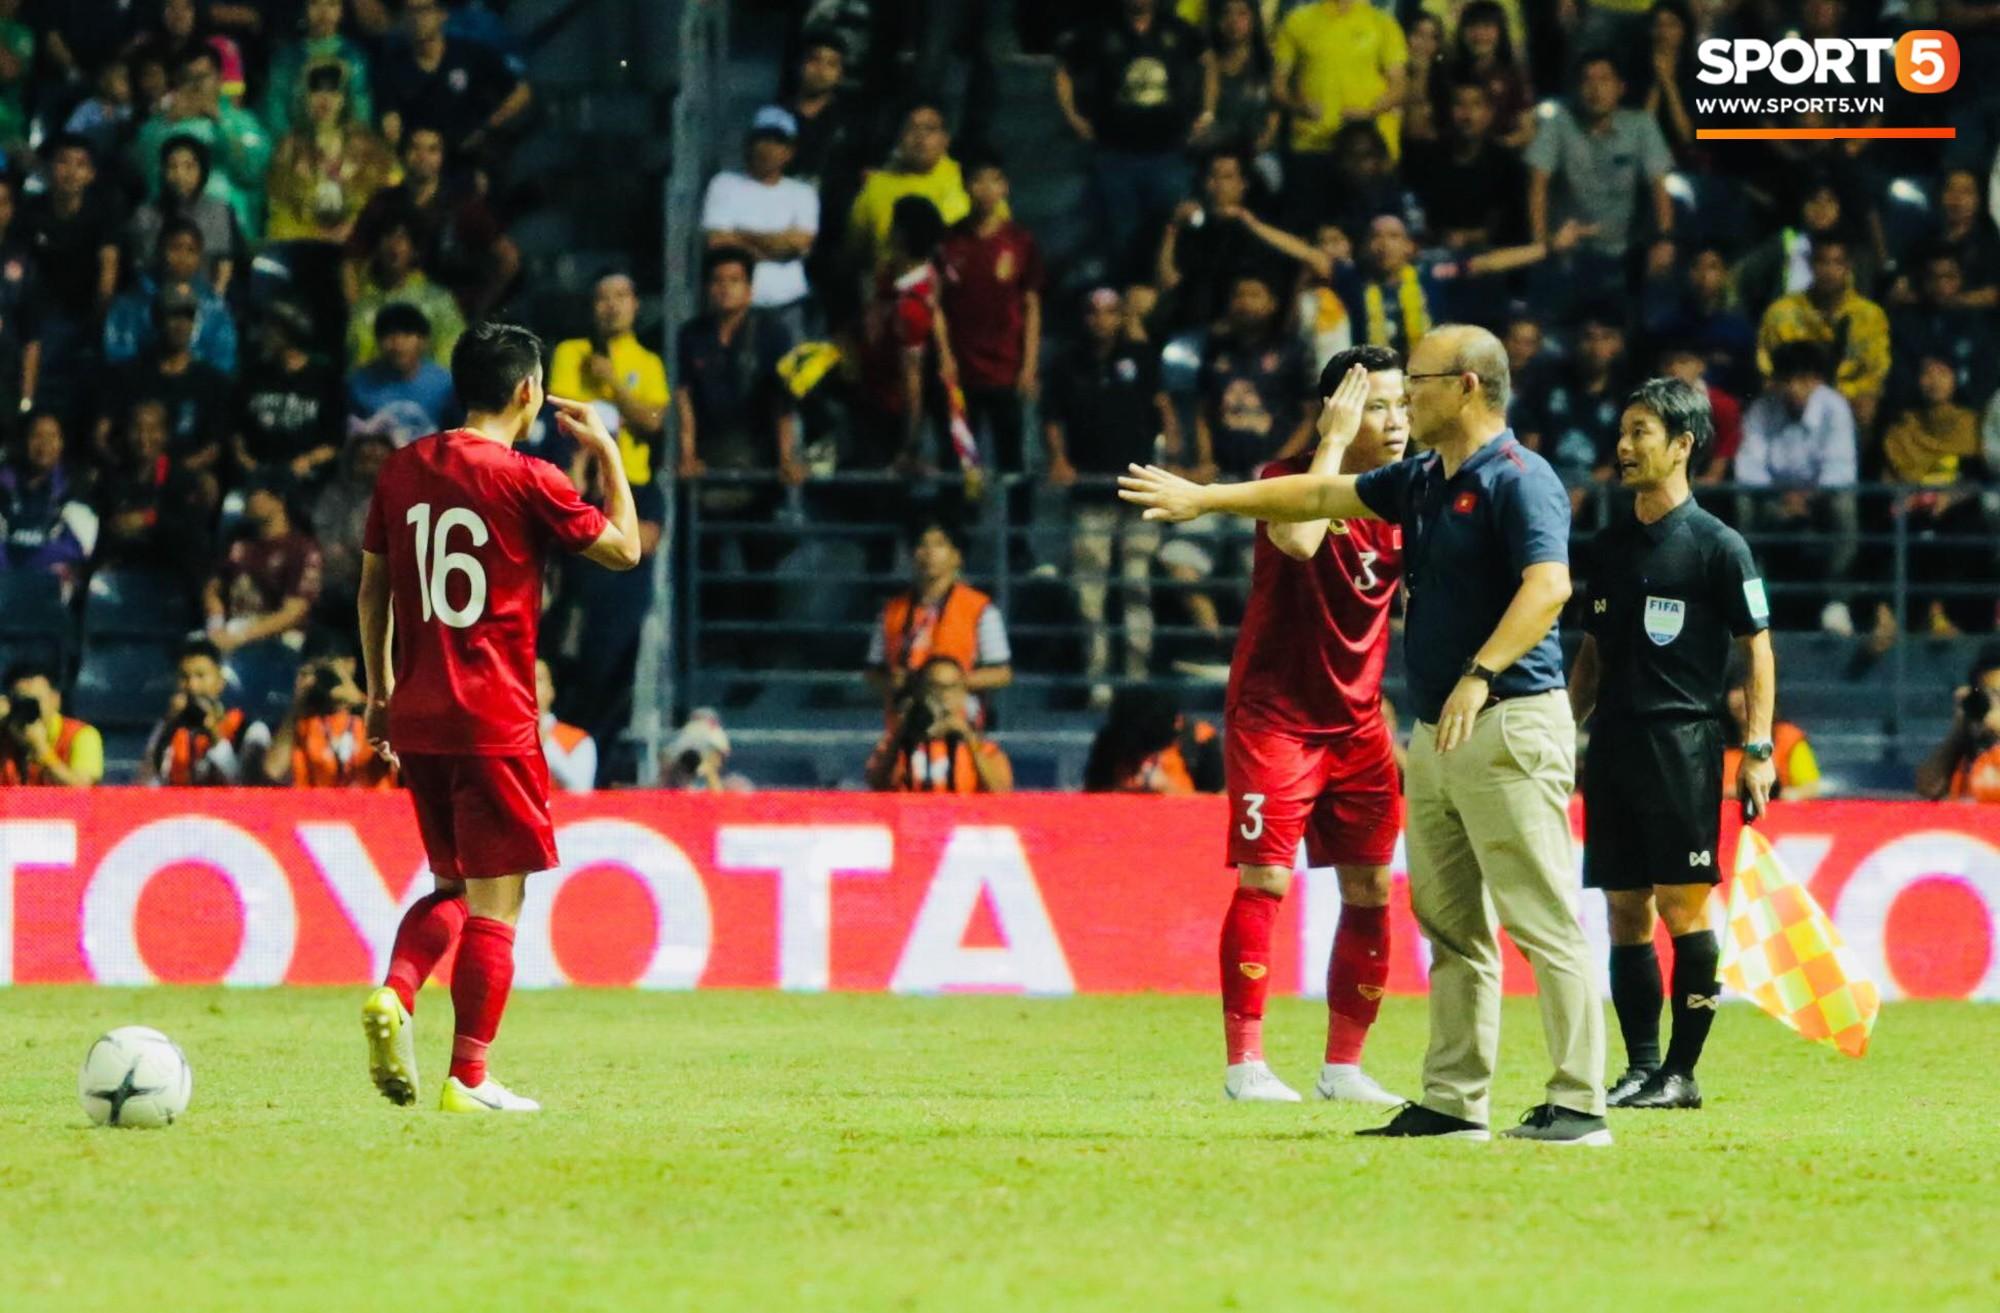 HLV Park Hang-seo lao vào sân phản ứng khi Văn Hậu bị đối phương tát vào mặt-4